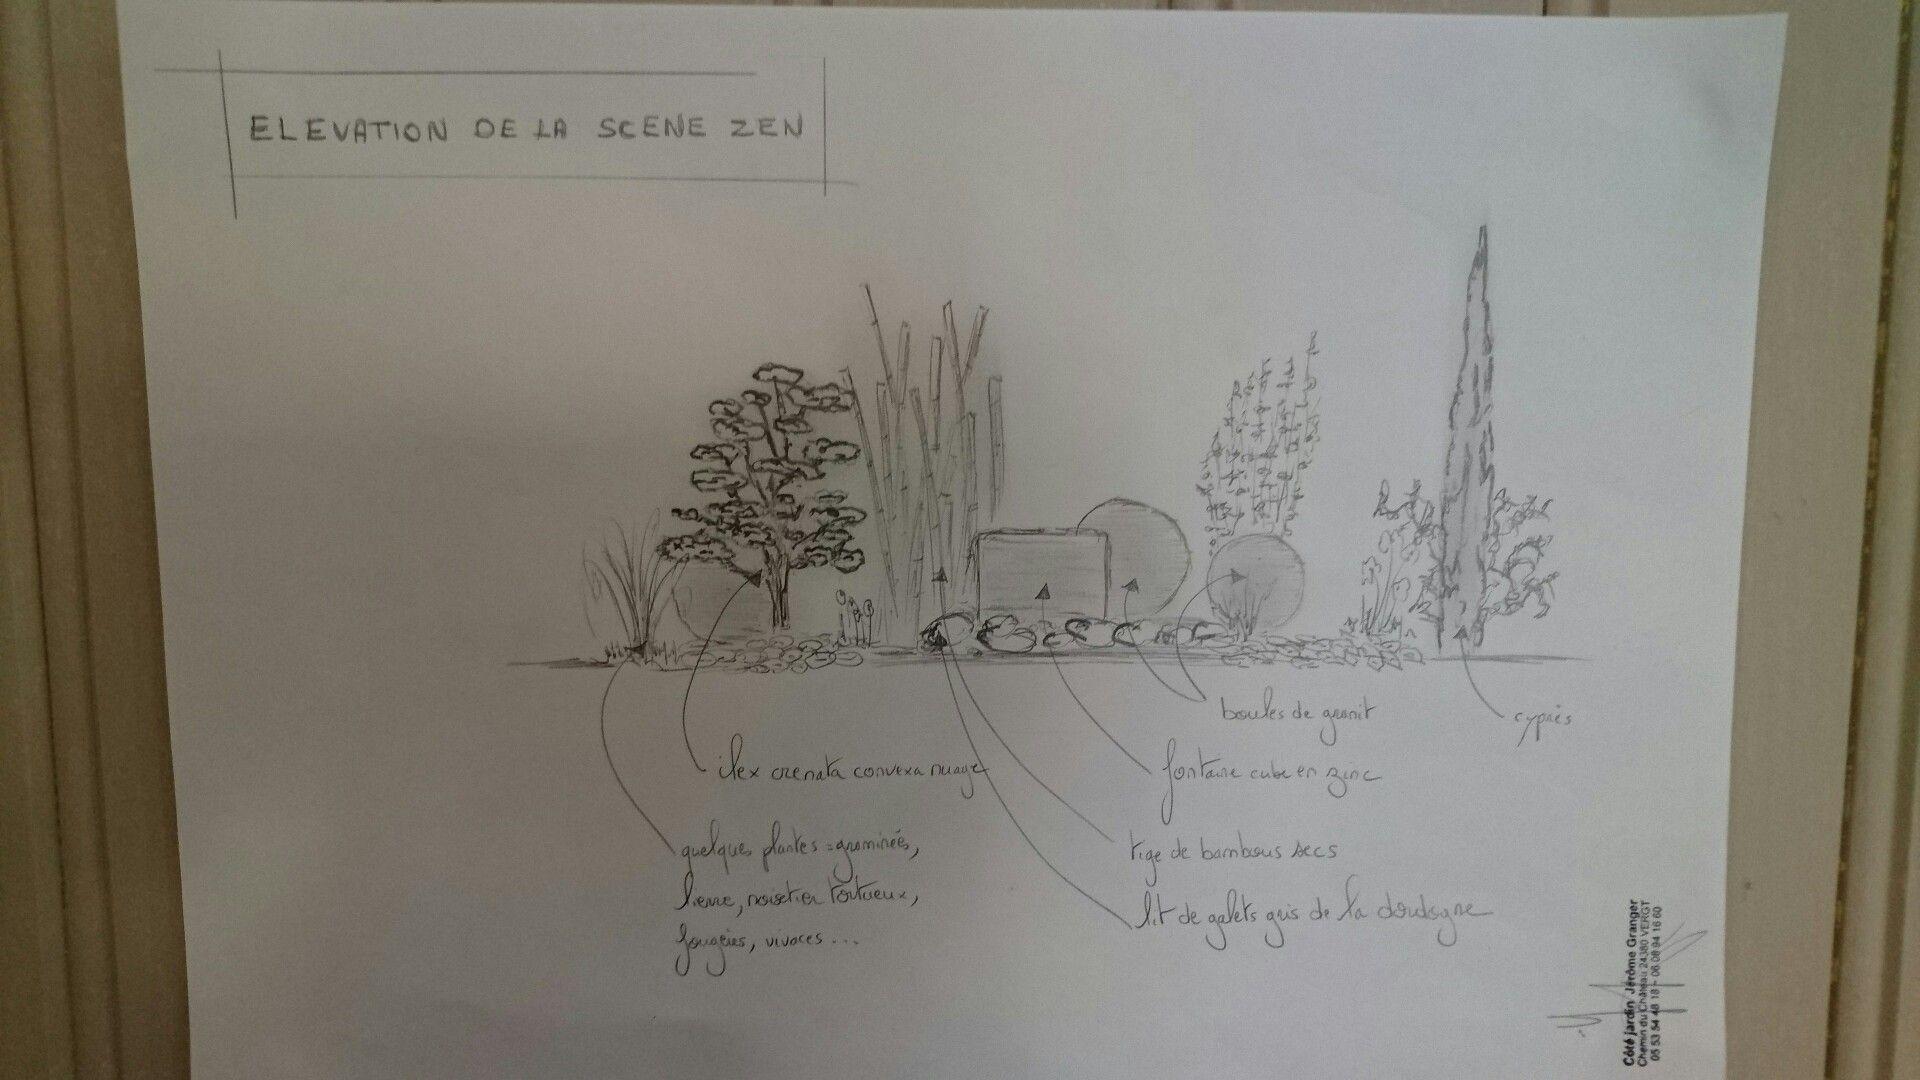 Epingle Par Cote Jardin Dordogne Sur Esquisses Dessins Croquis De Jardins Esquisse Dessin